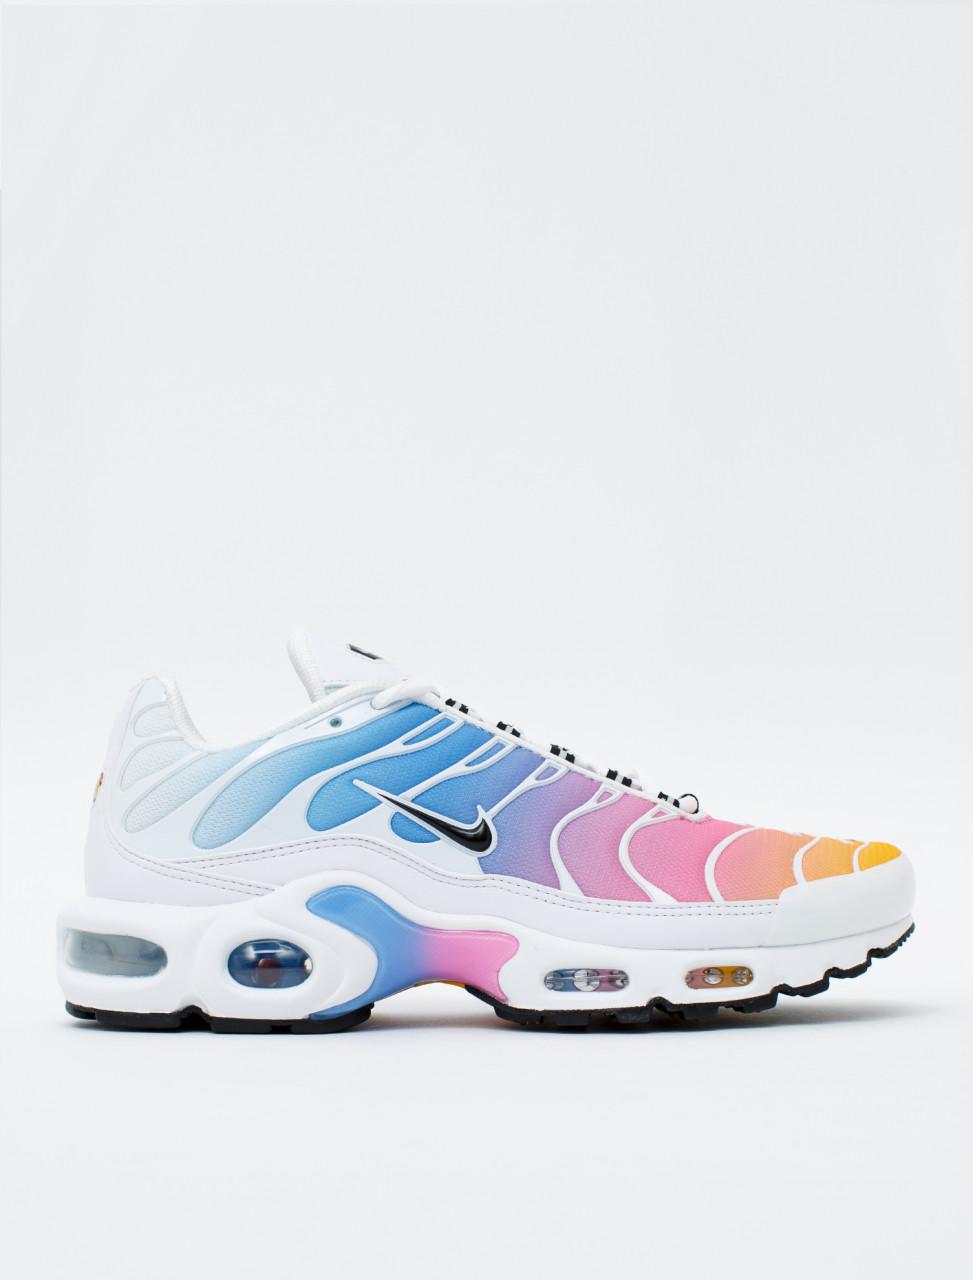 promo code 25219 3f7b1 Nike Air Max Plus Sneaker